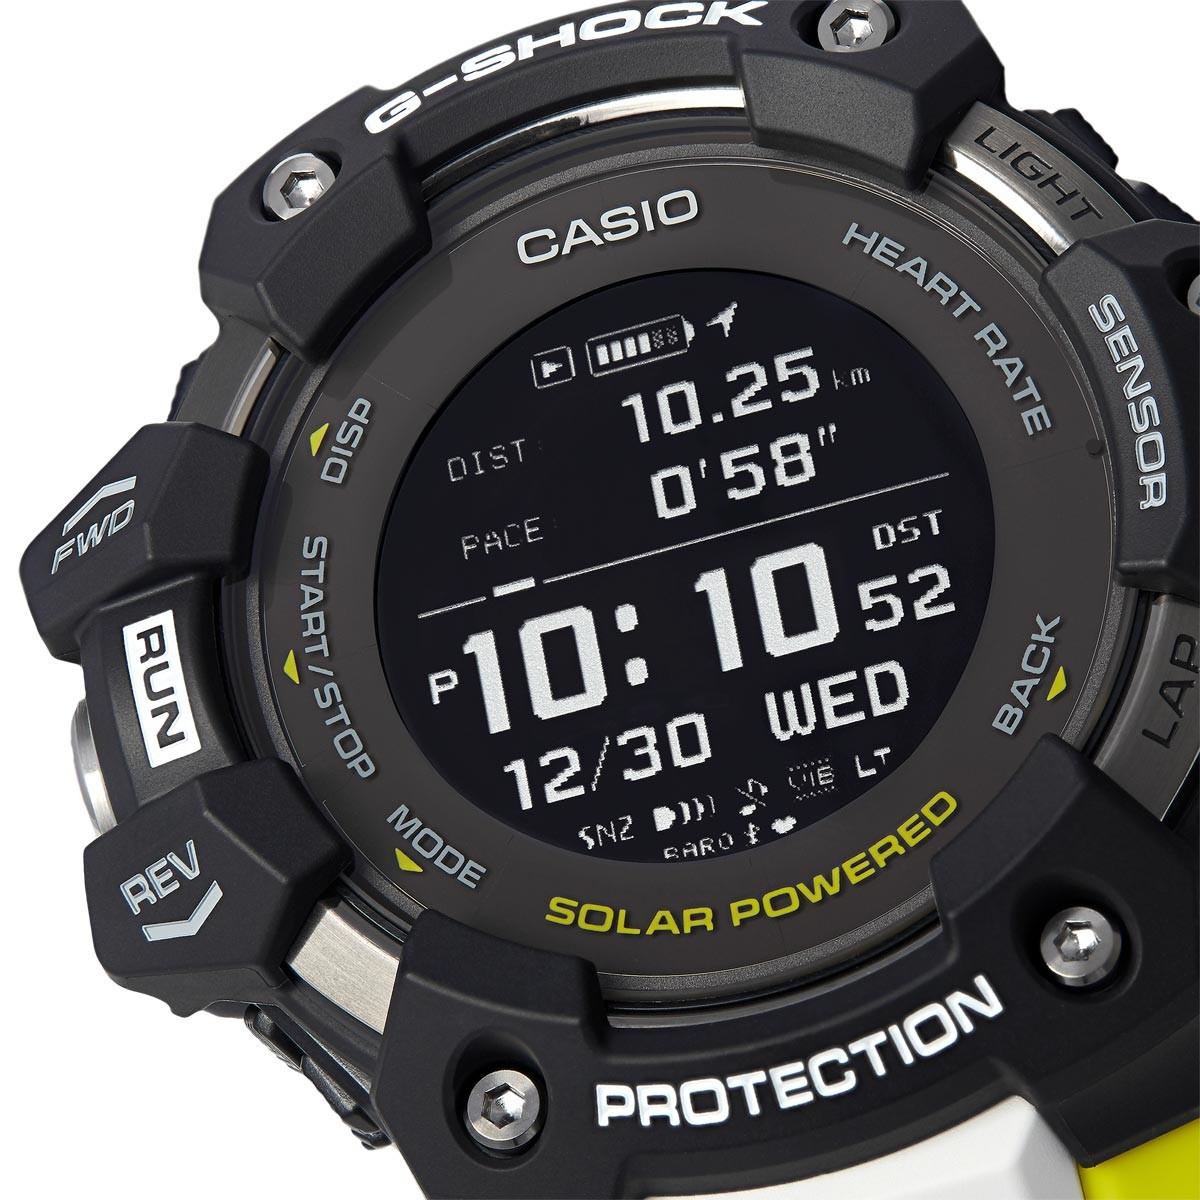 Casio GBD-H1000 1A7ER, detalles técnicos: peso y dimensiones - foto 3